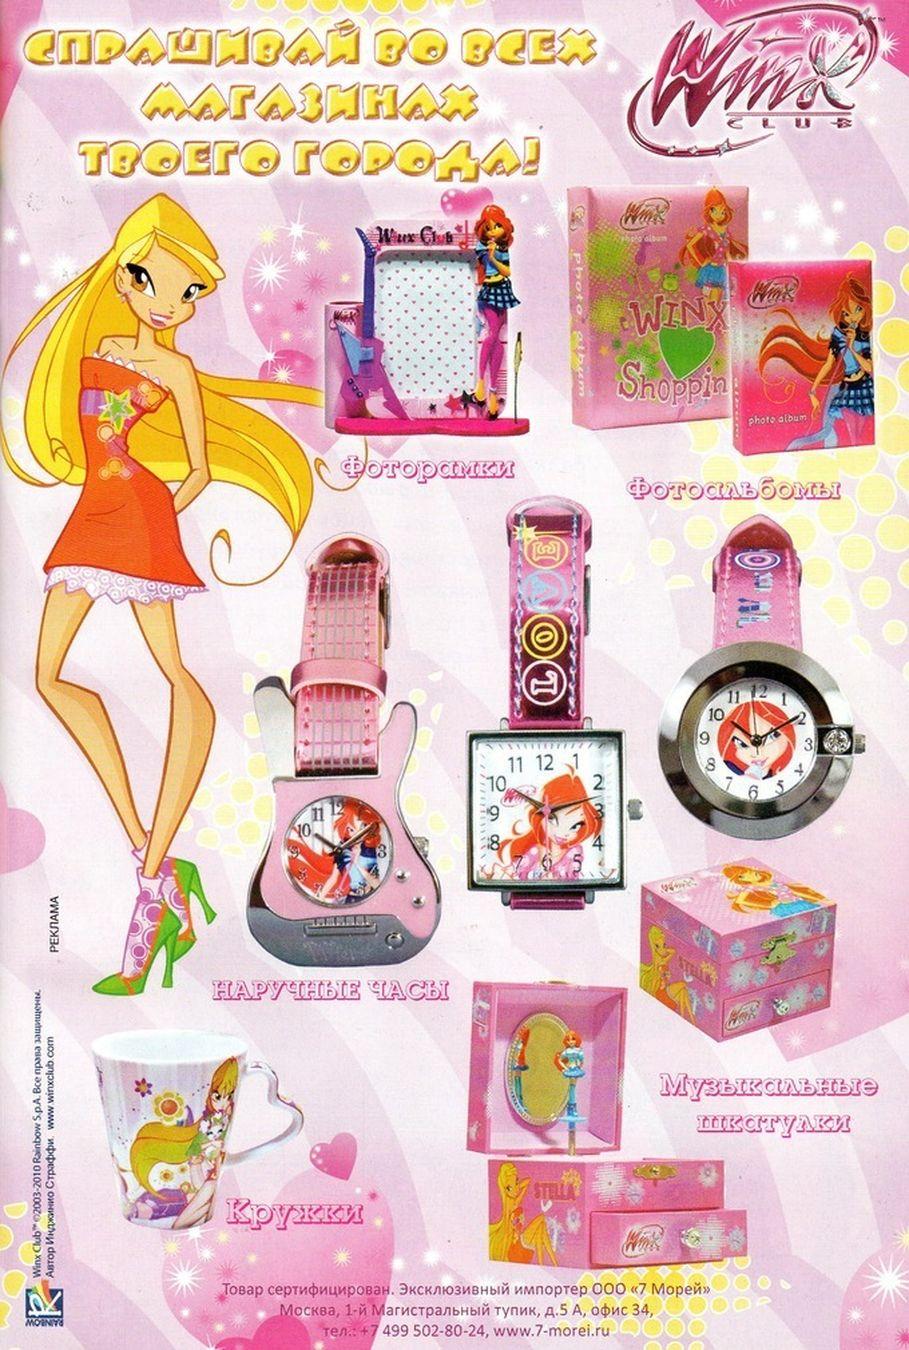 Комикс Винкс Winx - Каменные великаны (Журнал Винкс №11 2011) - стр. 3